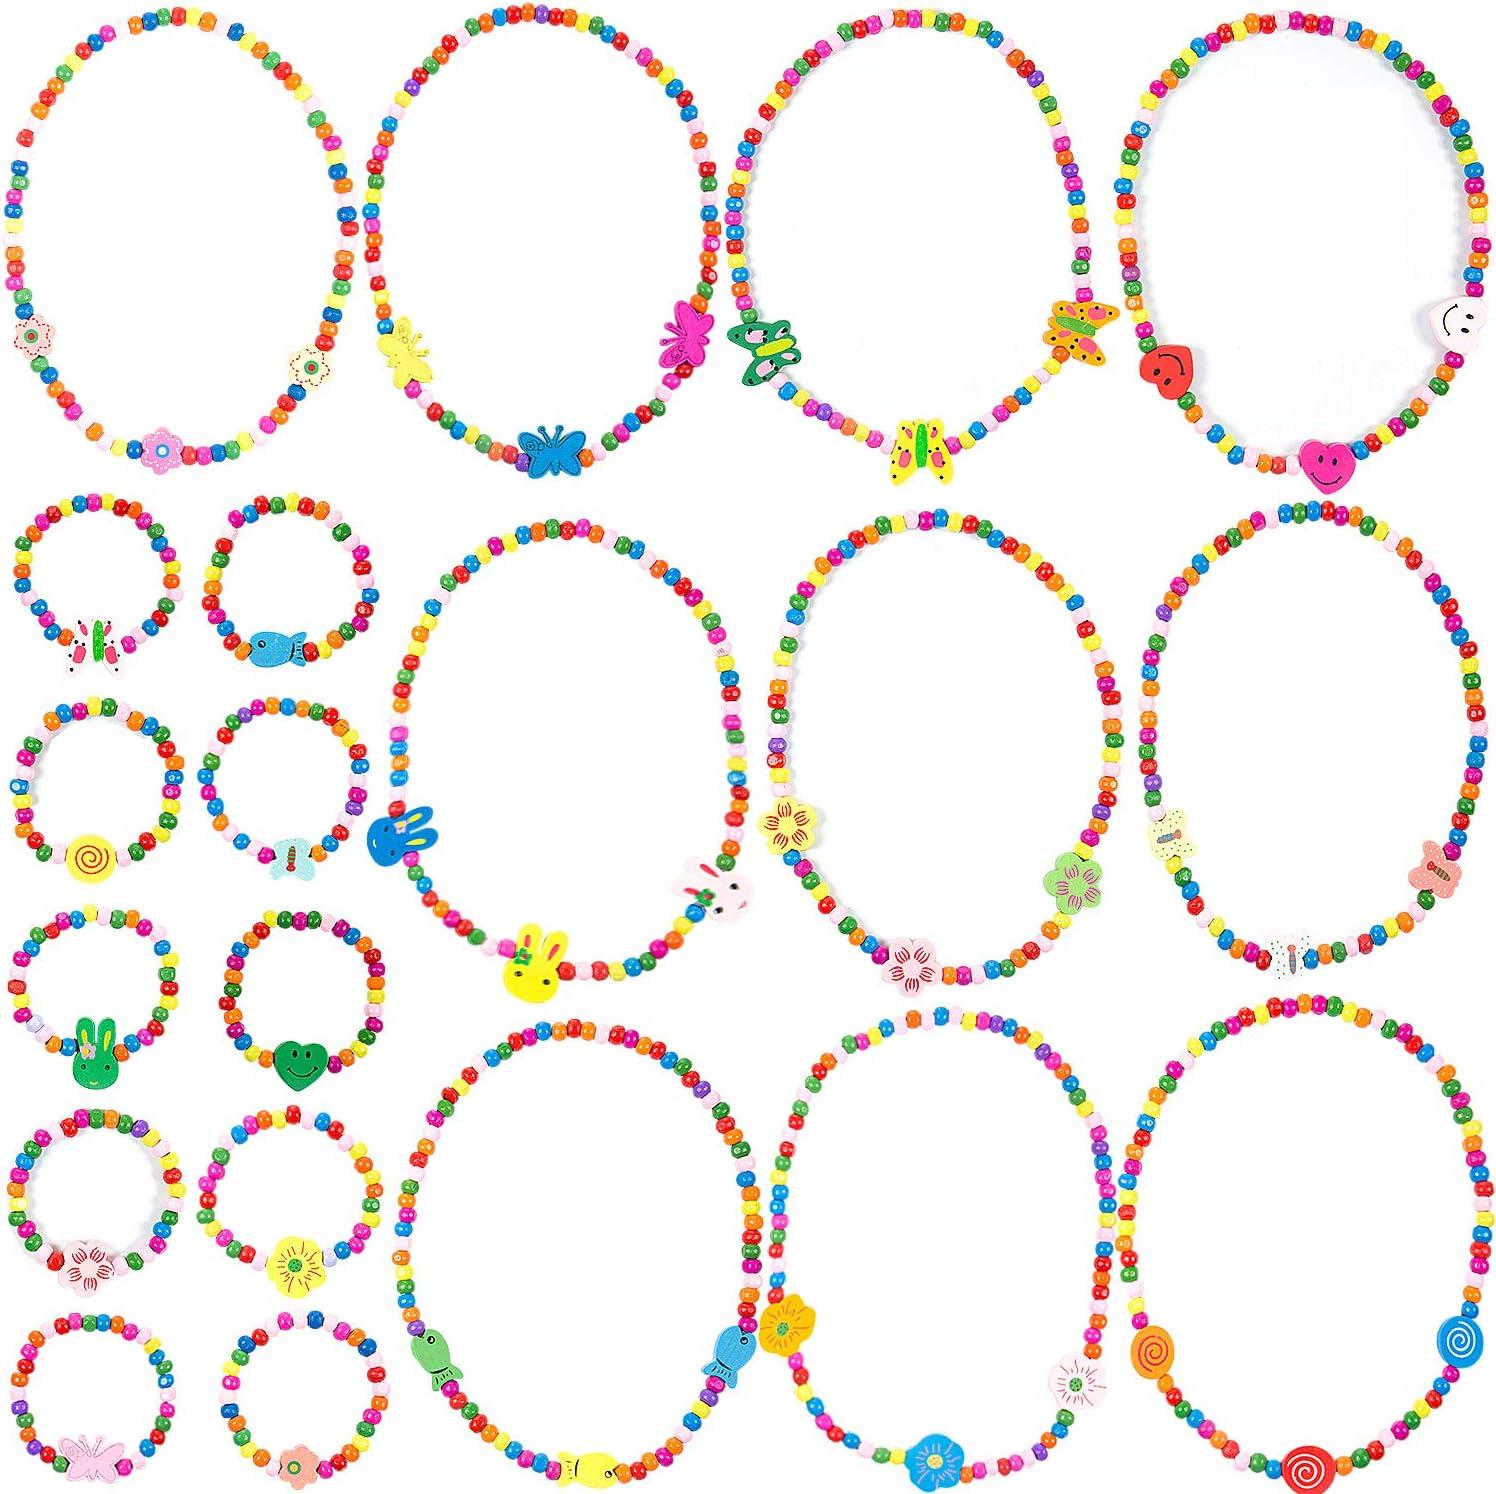 MOOKLIN ROAM 20 Piezas Princesa Joyería para Niños Niñas, Conjunto de Collares Flor Mariposa Pulseras Elasticas con 10 Estilos para Viste a la Niña Favor de Fiesta Joyas Cosplay Disfraz, Juego de 10